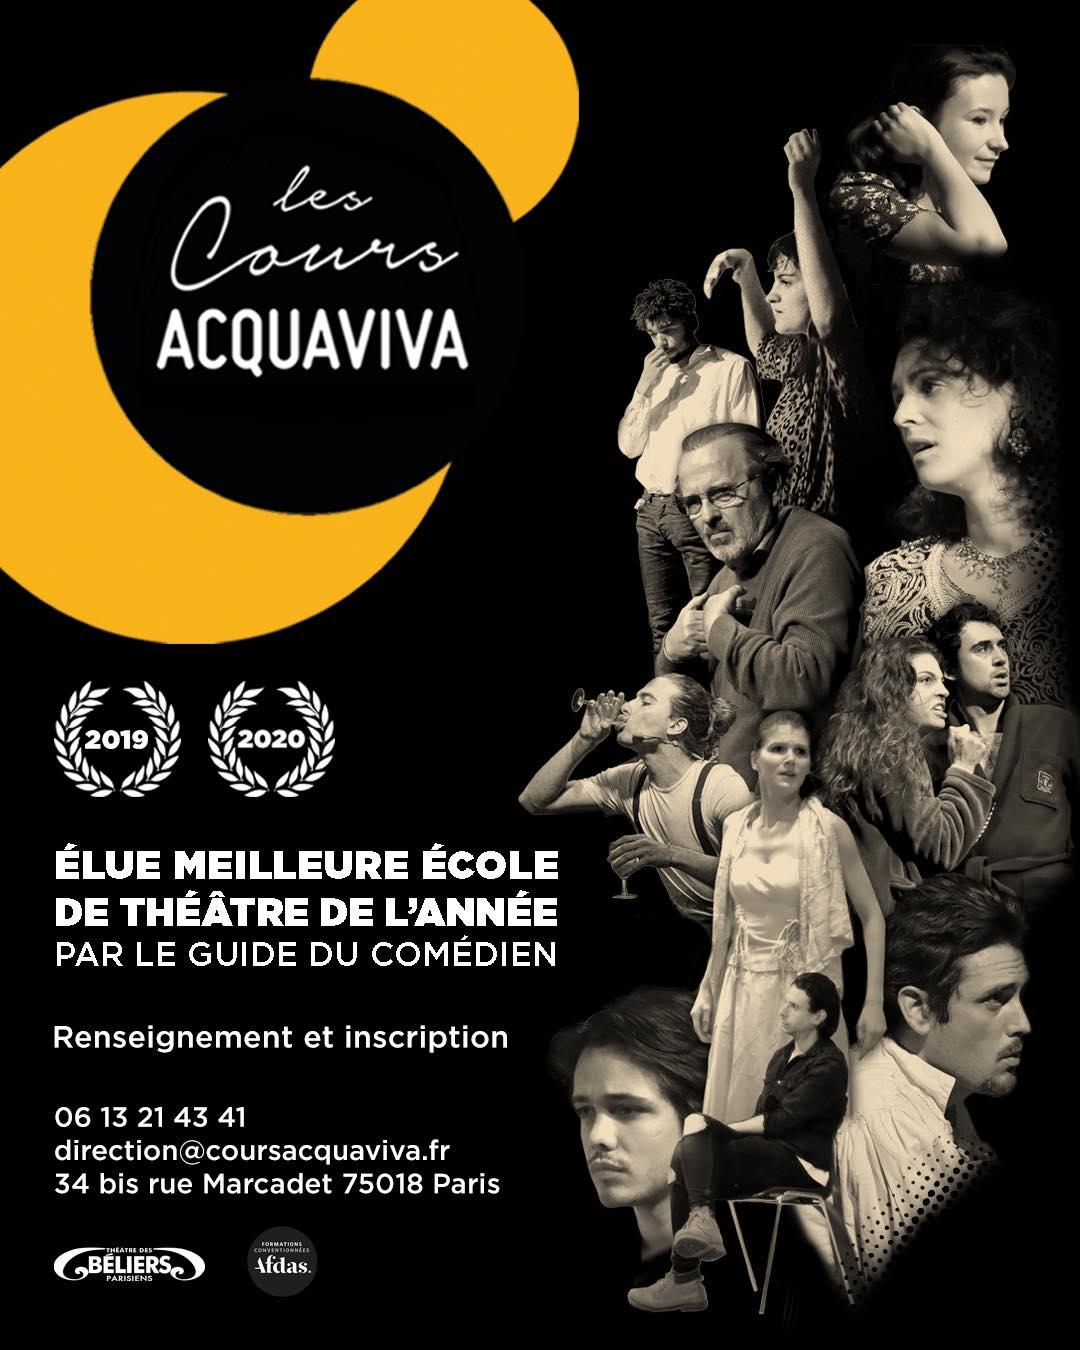 Actualité Auditions afin d'intégrer Les Cours Acquaviva pour la saison 2021/2022